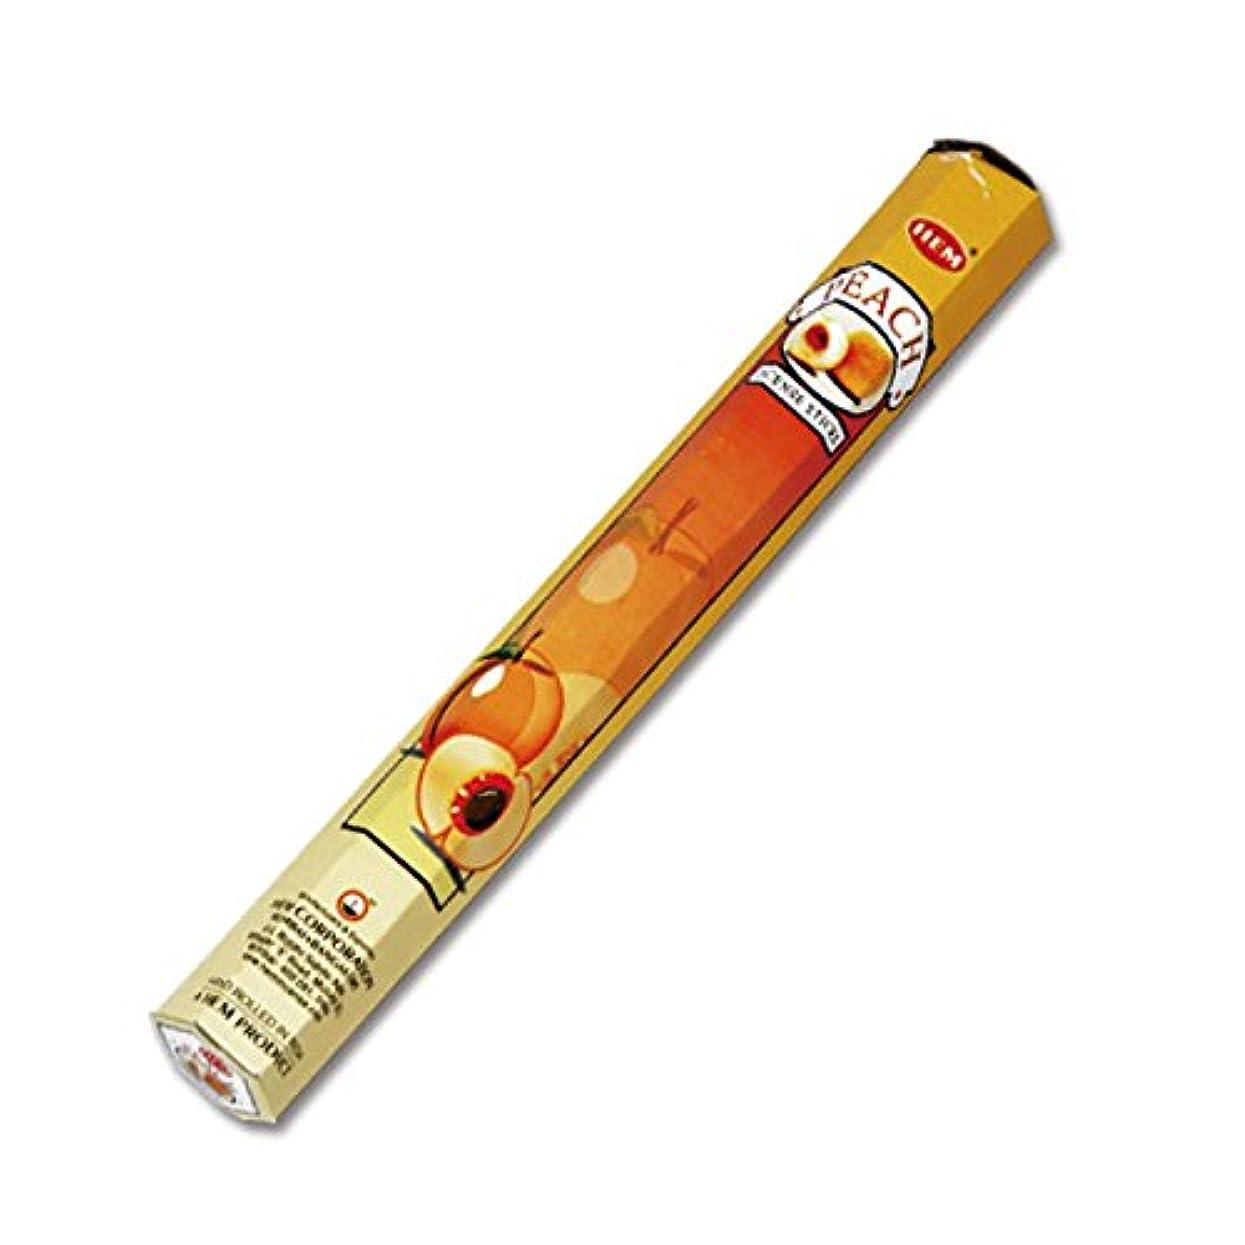 コンチネンタルショップそばにHEM(ヘム) ピーチ PEACHT スティックタイプ お香 1筒 単品 [並行輸入品]